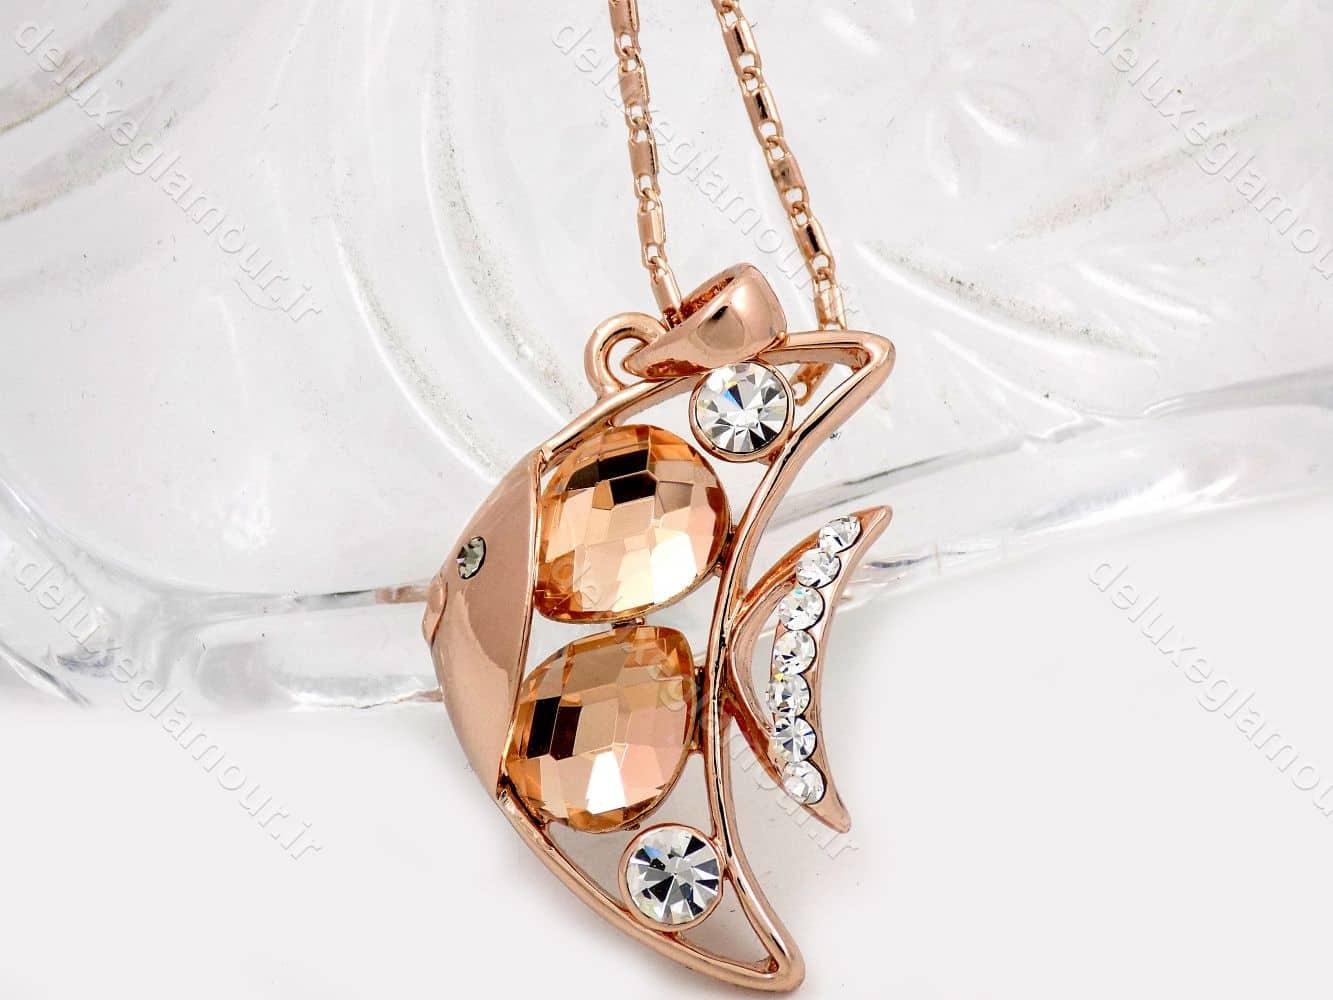 گردنبند دخترانه جواهری طرح ماهی و نگین های شامپاینی سواروسکی nw-n144